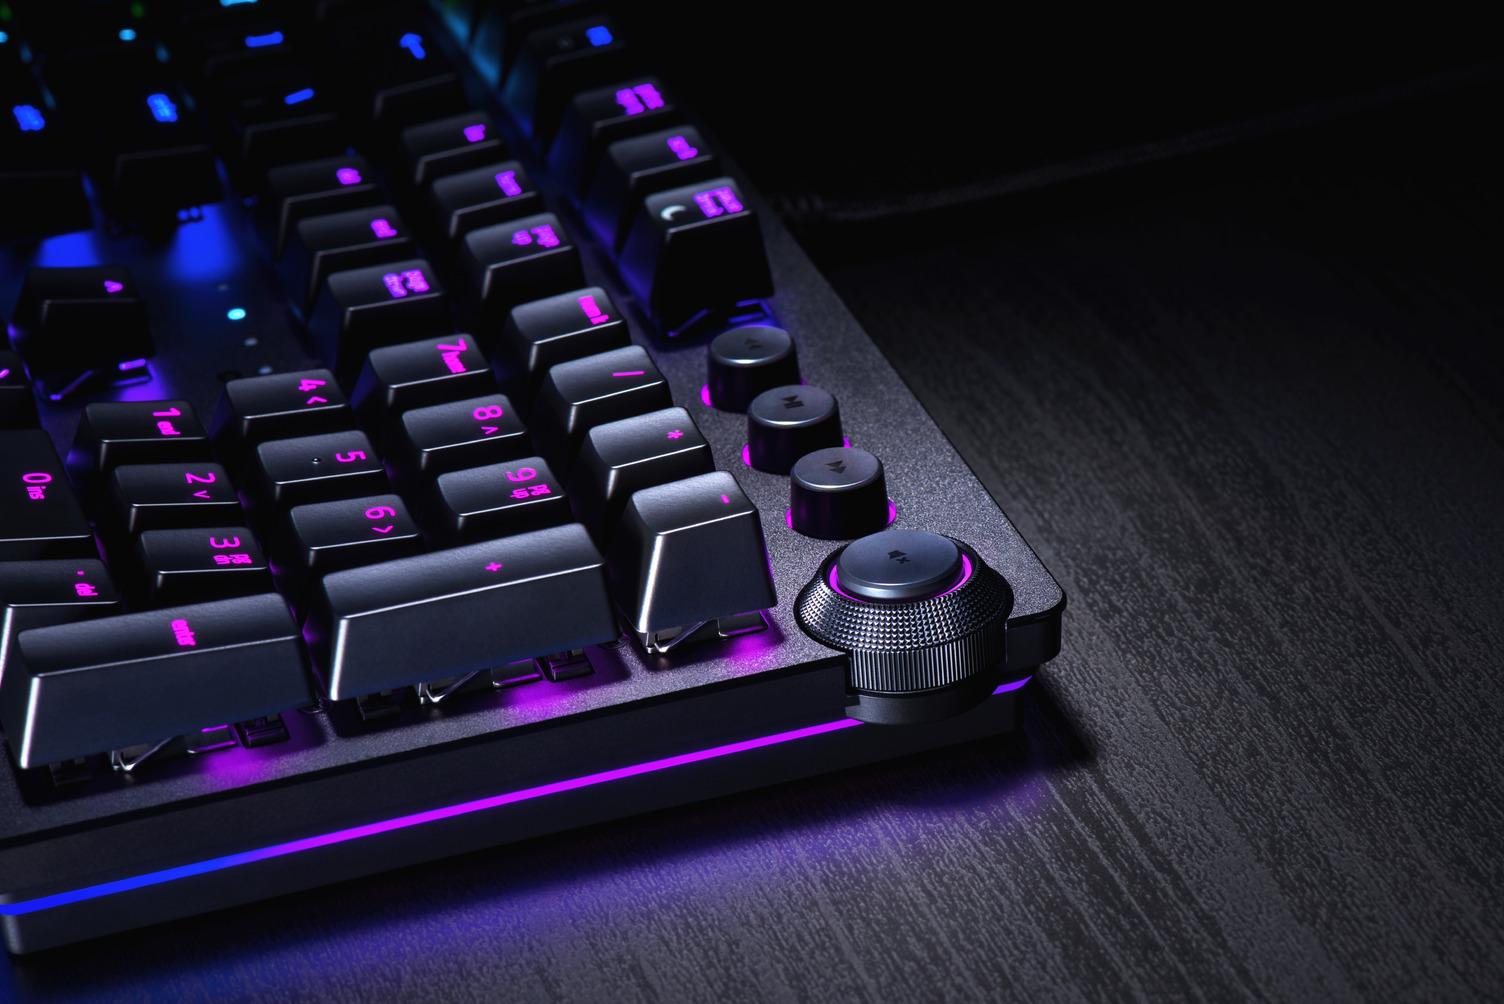 Razer Huntsman klaviatuur pakub välkkiiret reaktsiooni